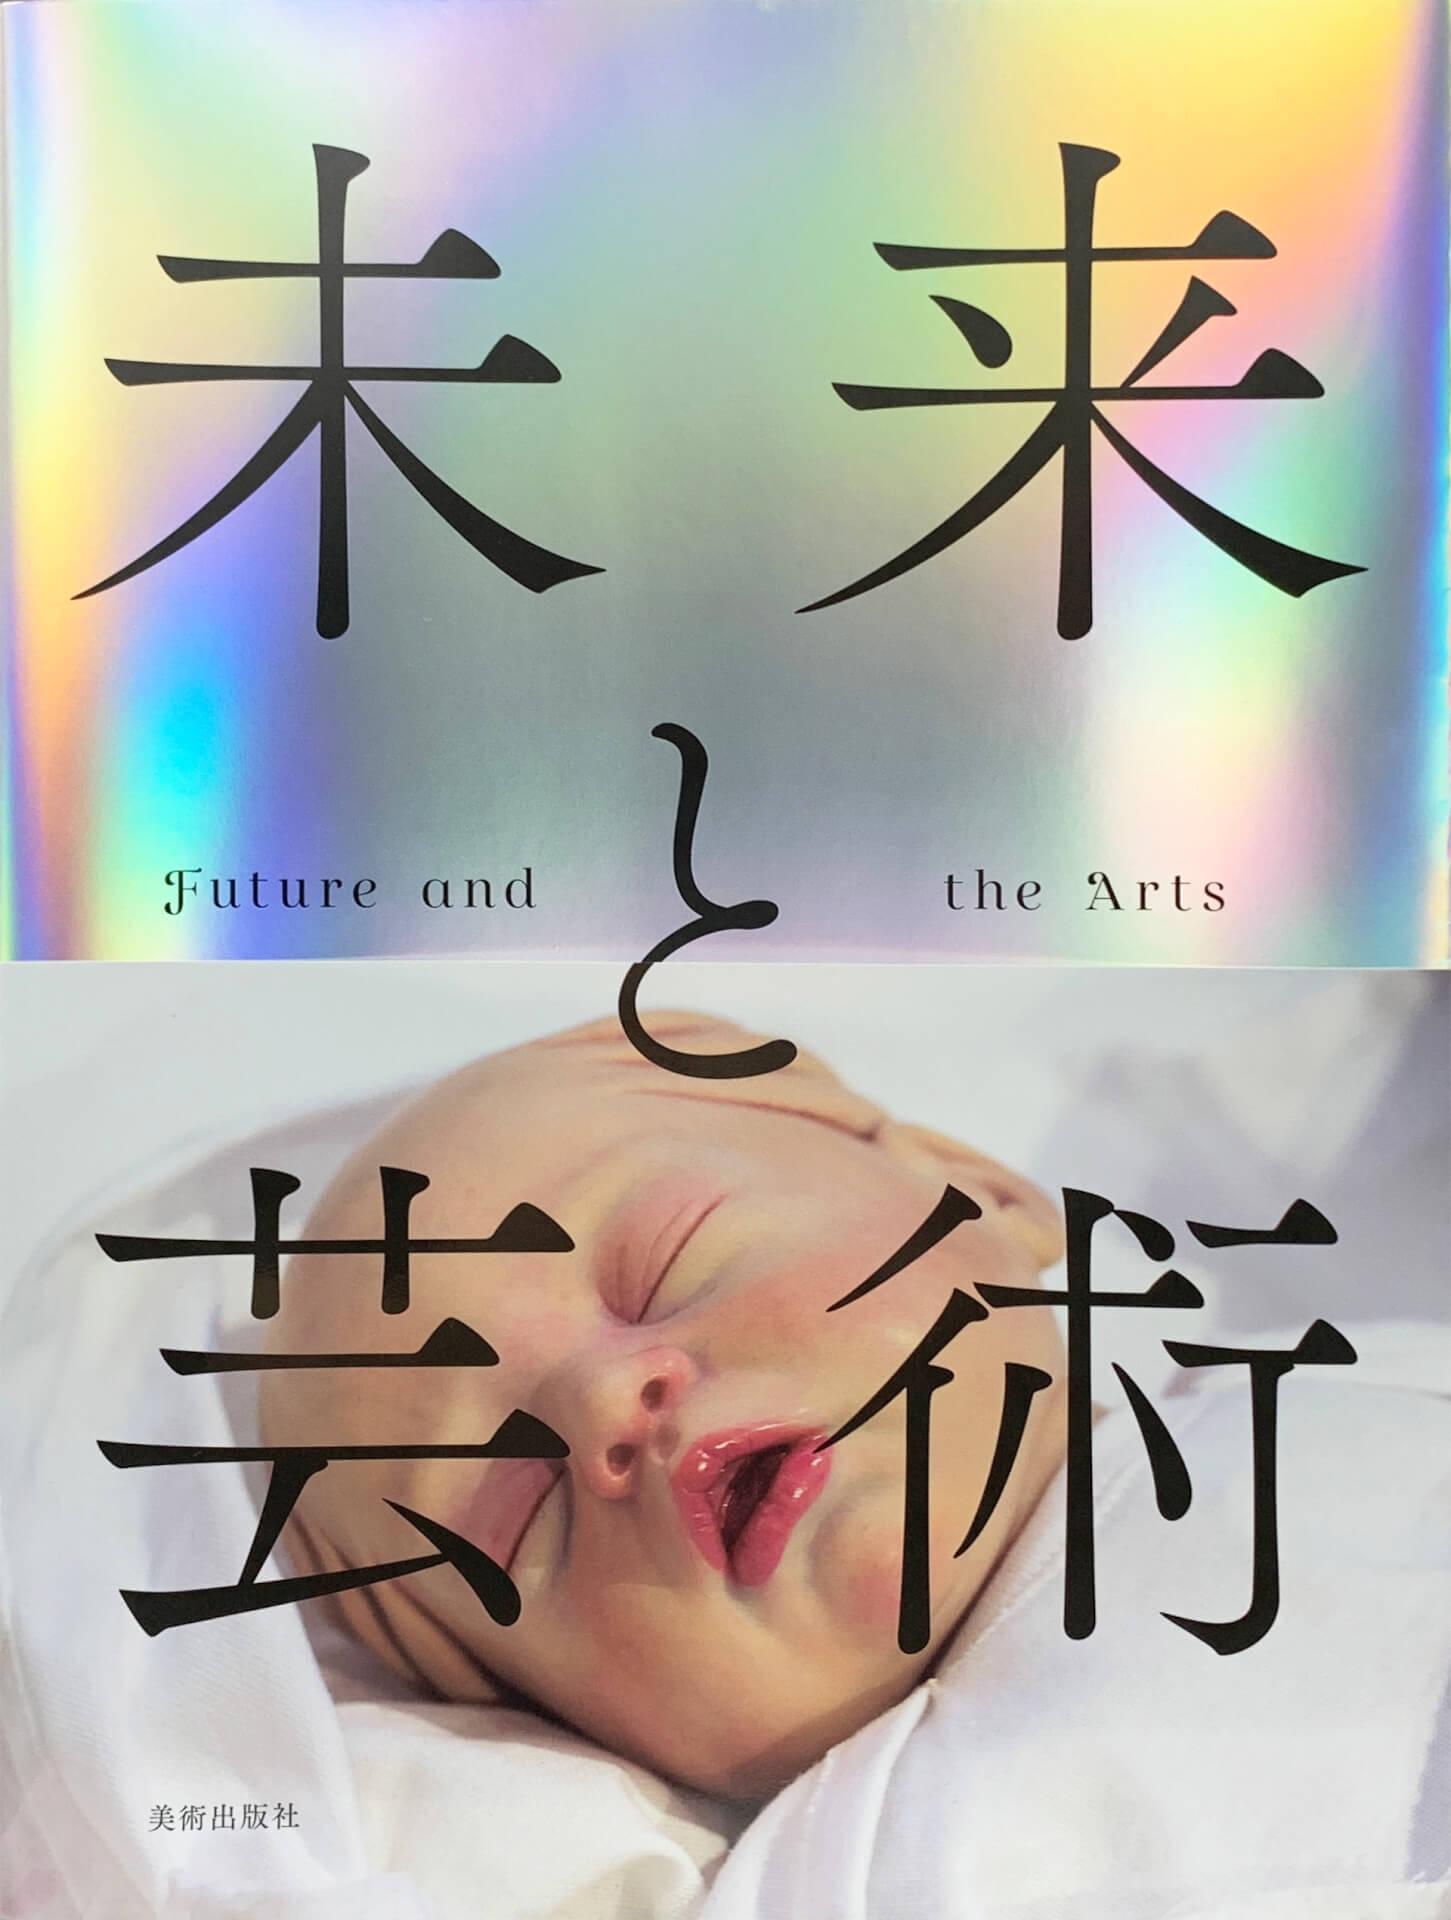 森美術館で開催中<未来と芸術展:AI、ロボット、都市、生命>の公式図録『未来と芸術 Future and the Arts』が発売中! ac200120_futureandthearts_01